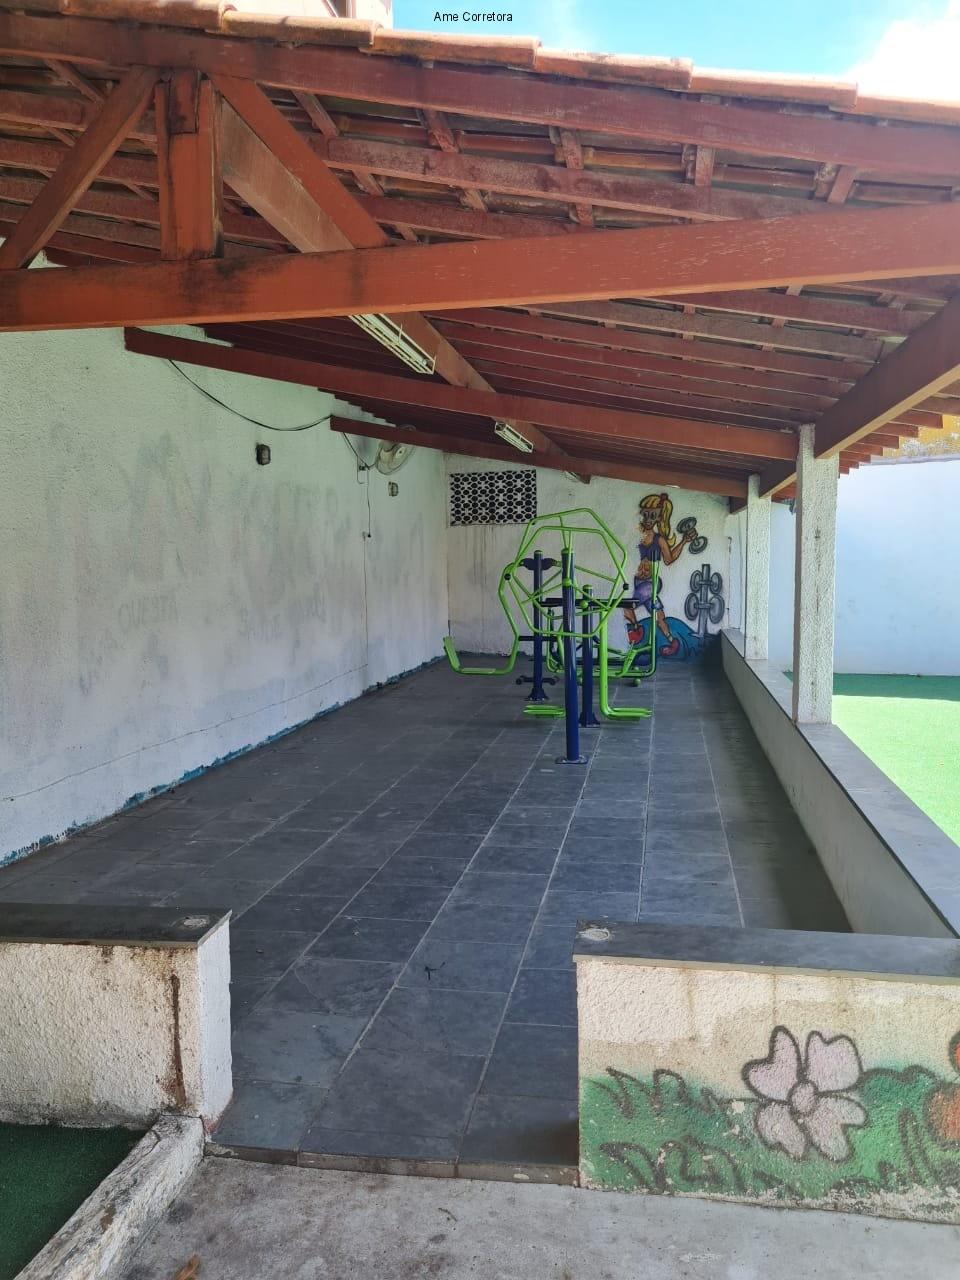 FOTO 26 - Casa 3 quartos à venda Bangu, Rio de Janeiro - R$ 480.000 - CA00872 - 16